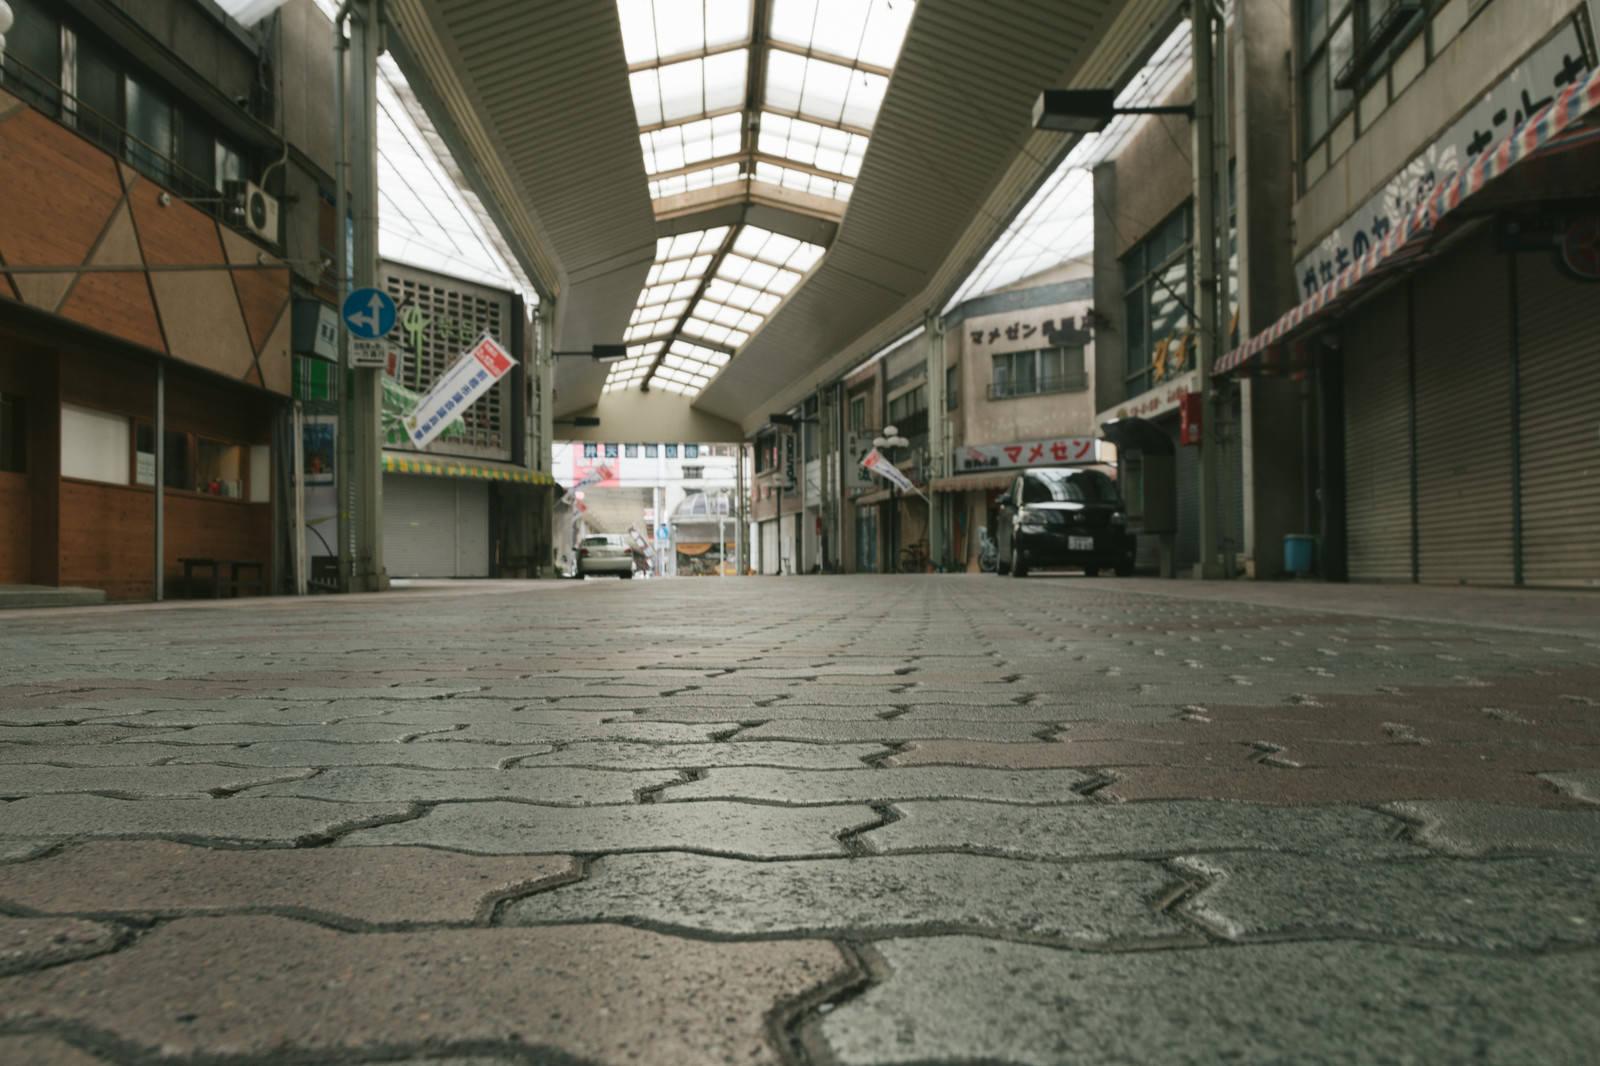 「アーケードが続く前橋中心商店街アーケードが続く前橋中心商店街」のフリー写真素材を拡大